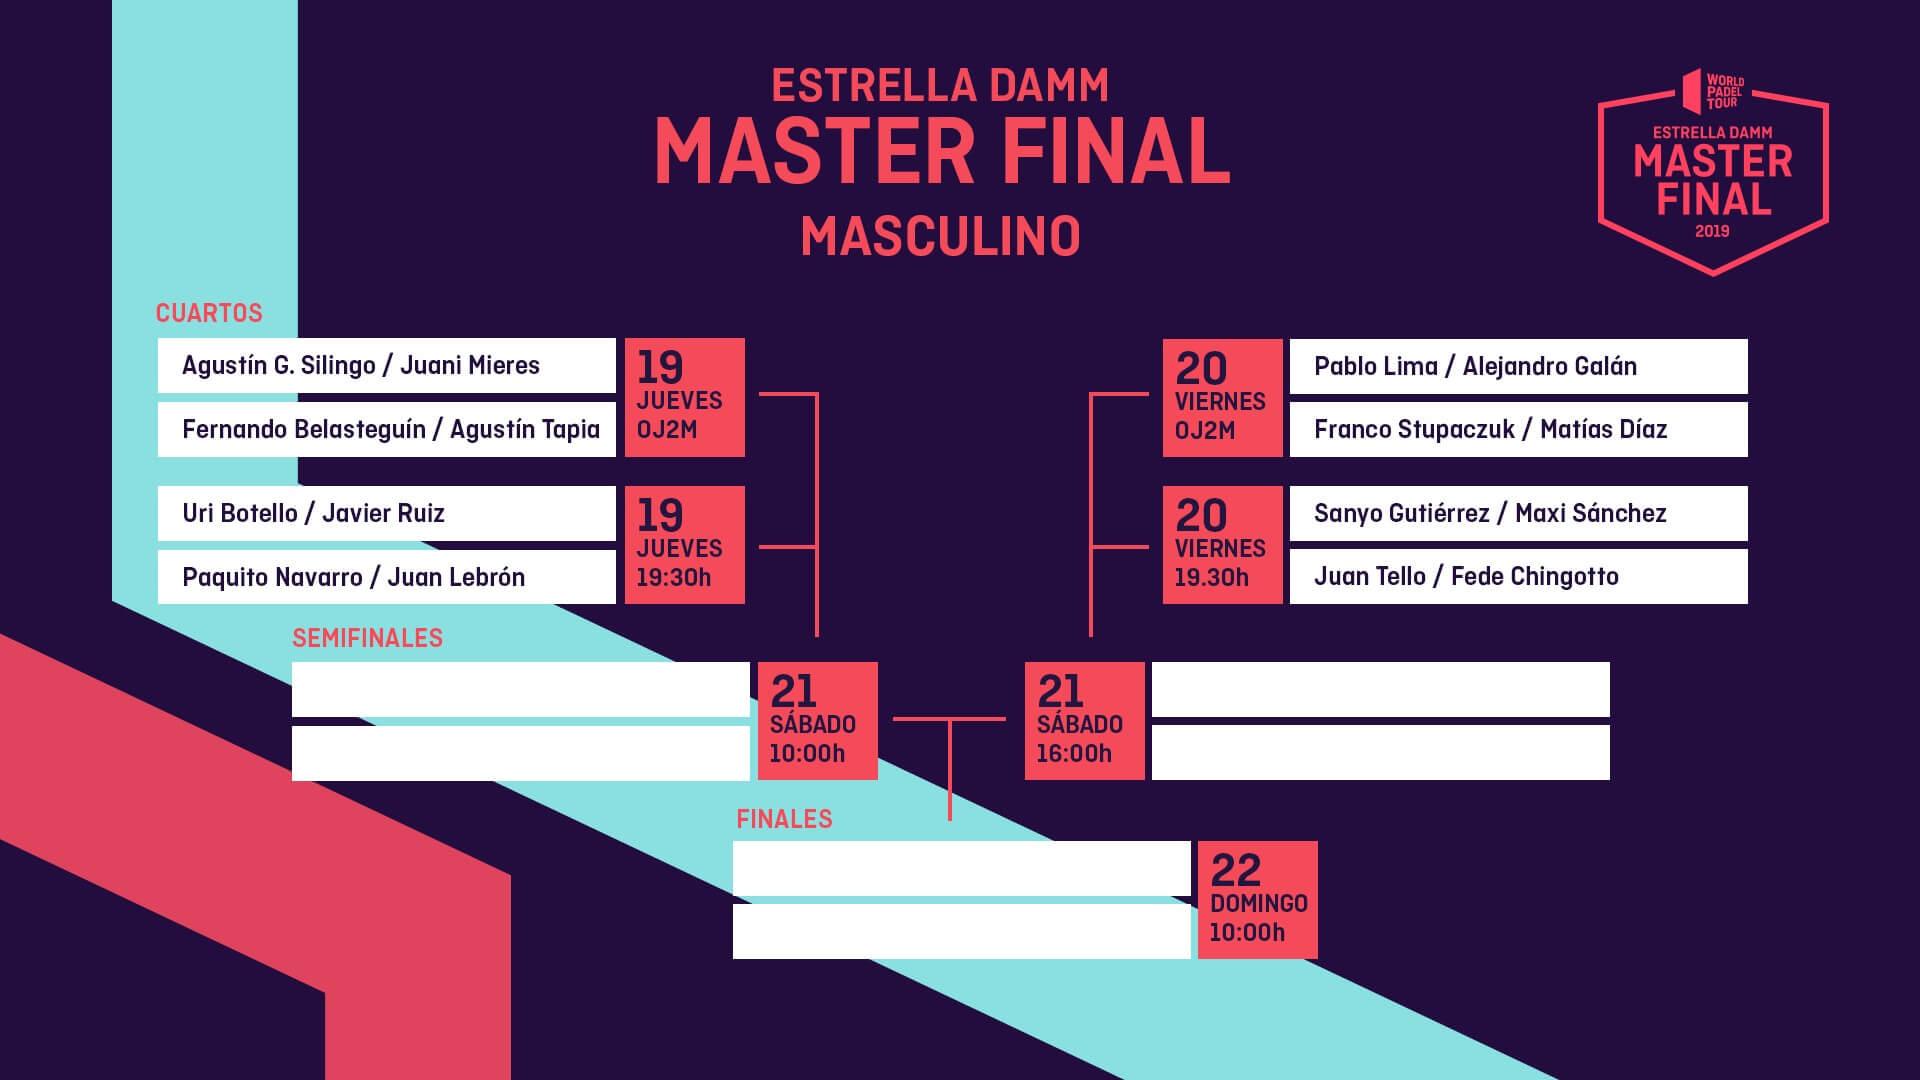 Cuadro final del Estrella Damm Barcelona Master Final en la categoría masculina